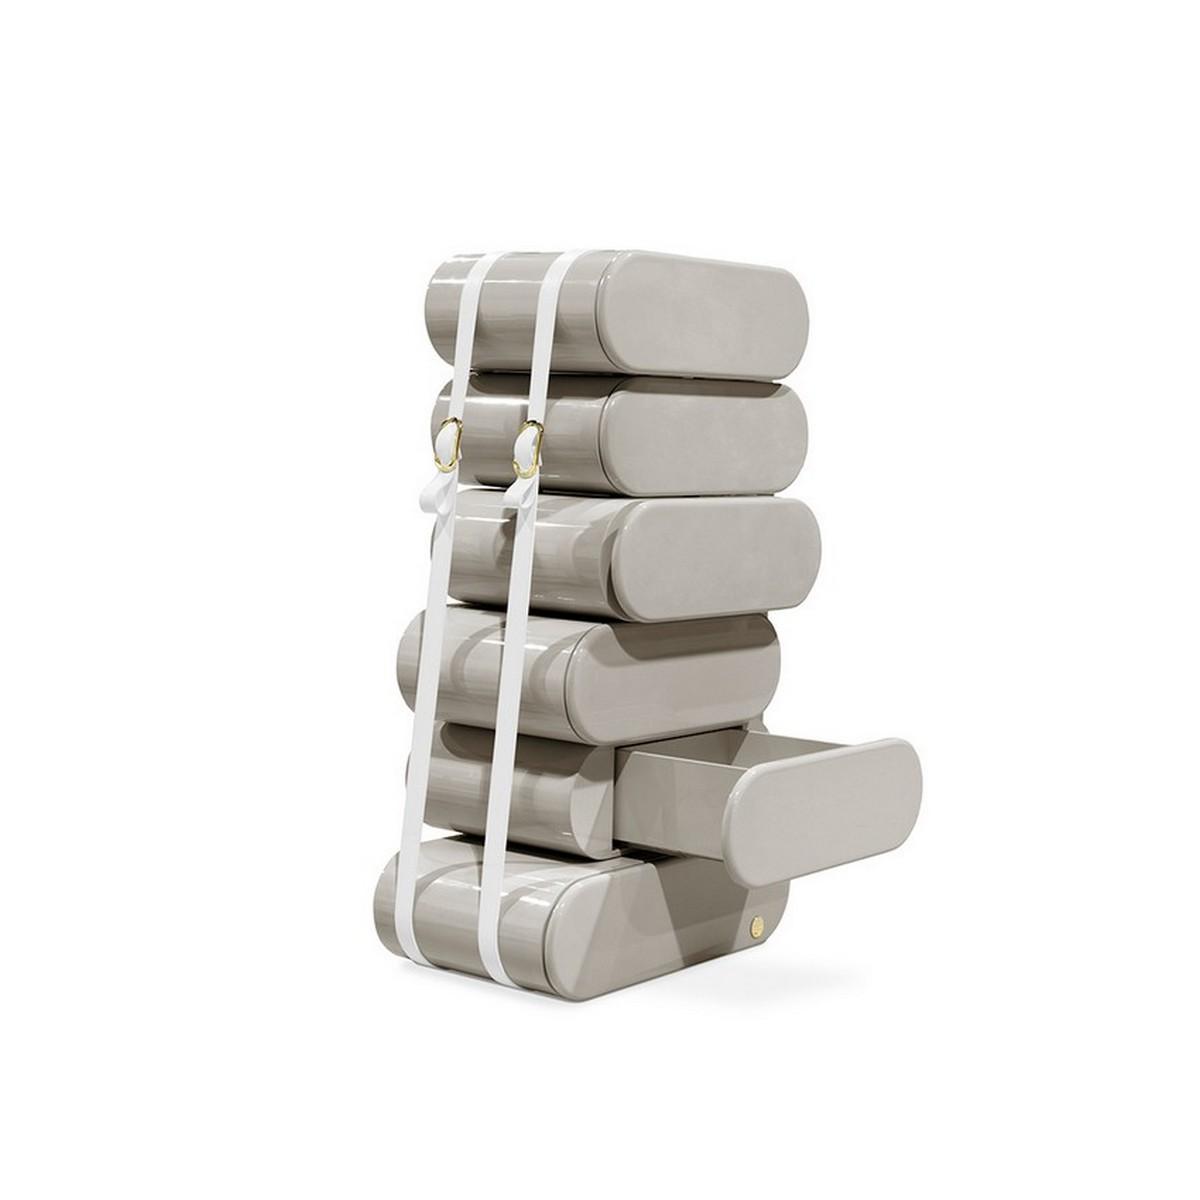 Diseño de Interiores pata niños: Dormitorios con elementos modernos y especiales diseño de interiores Diseño de Interiores para niños: Dormitorios con elementos modernos y especiales cloud chest 6 drawers circu magical furniture 8